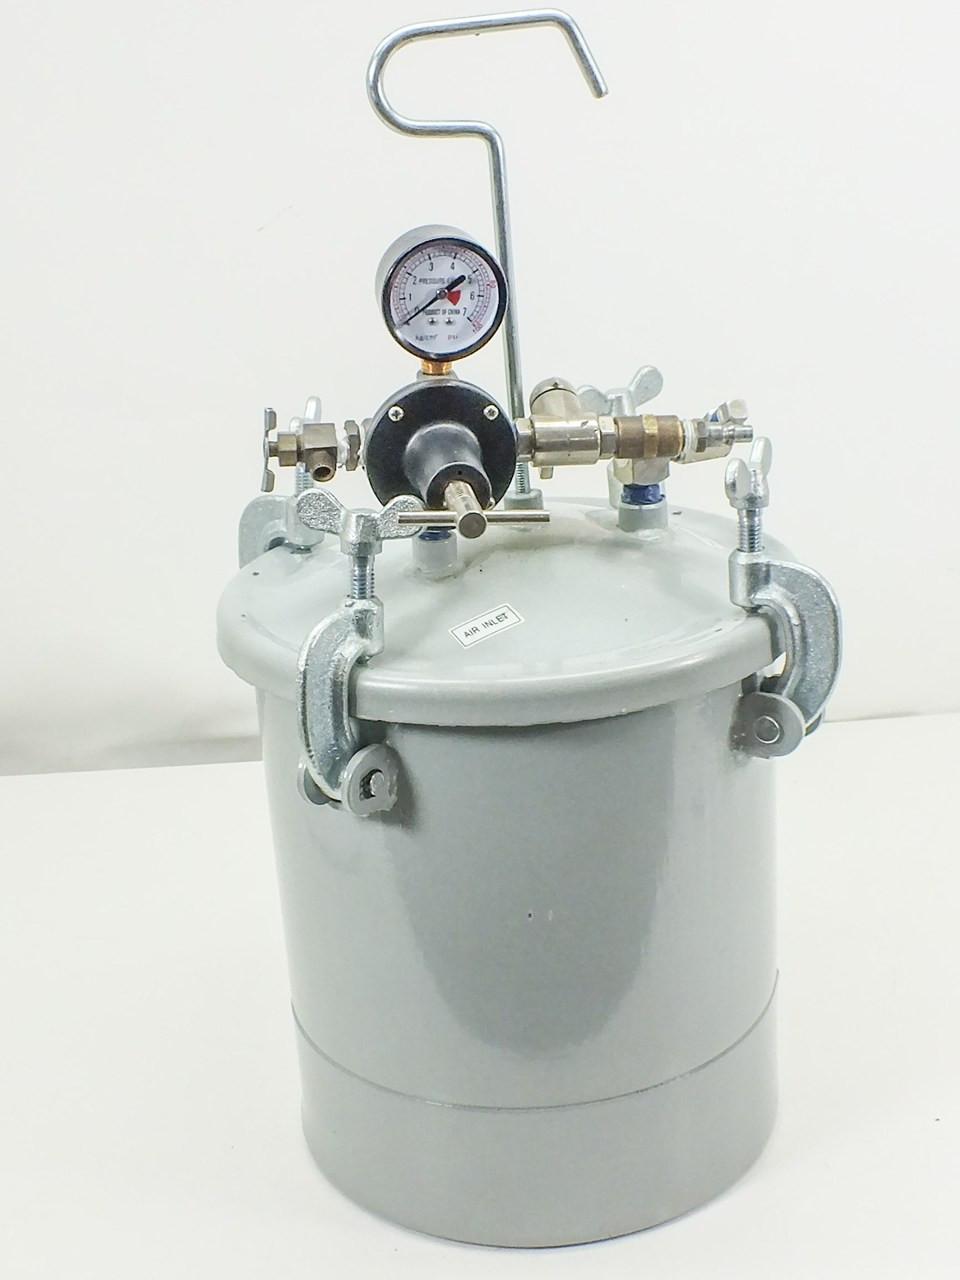 binks 2 gallon pressure pot manual